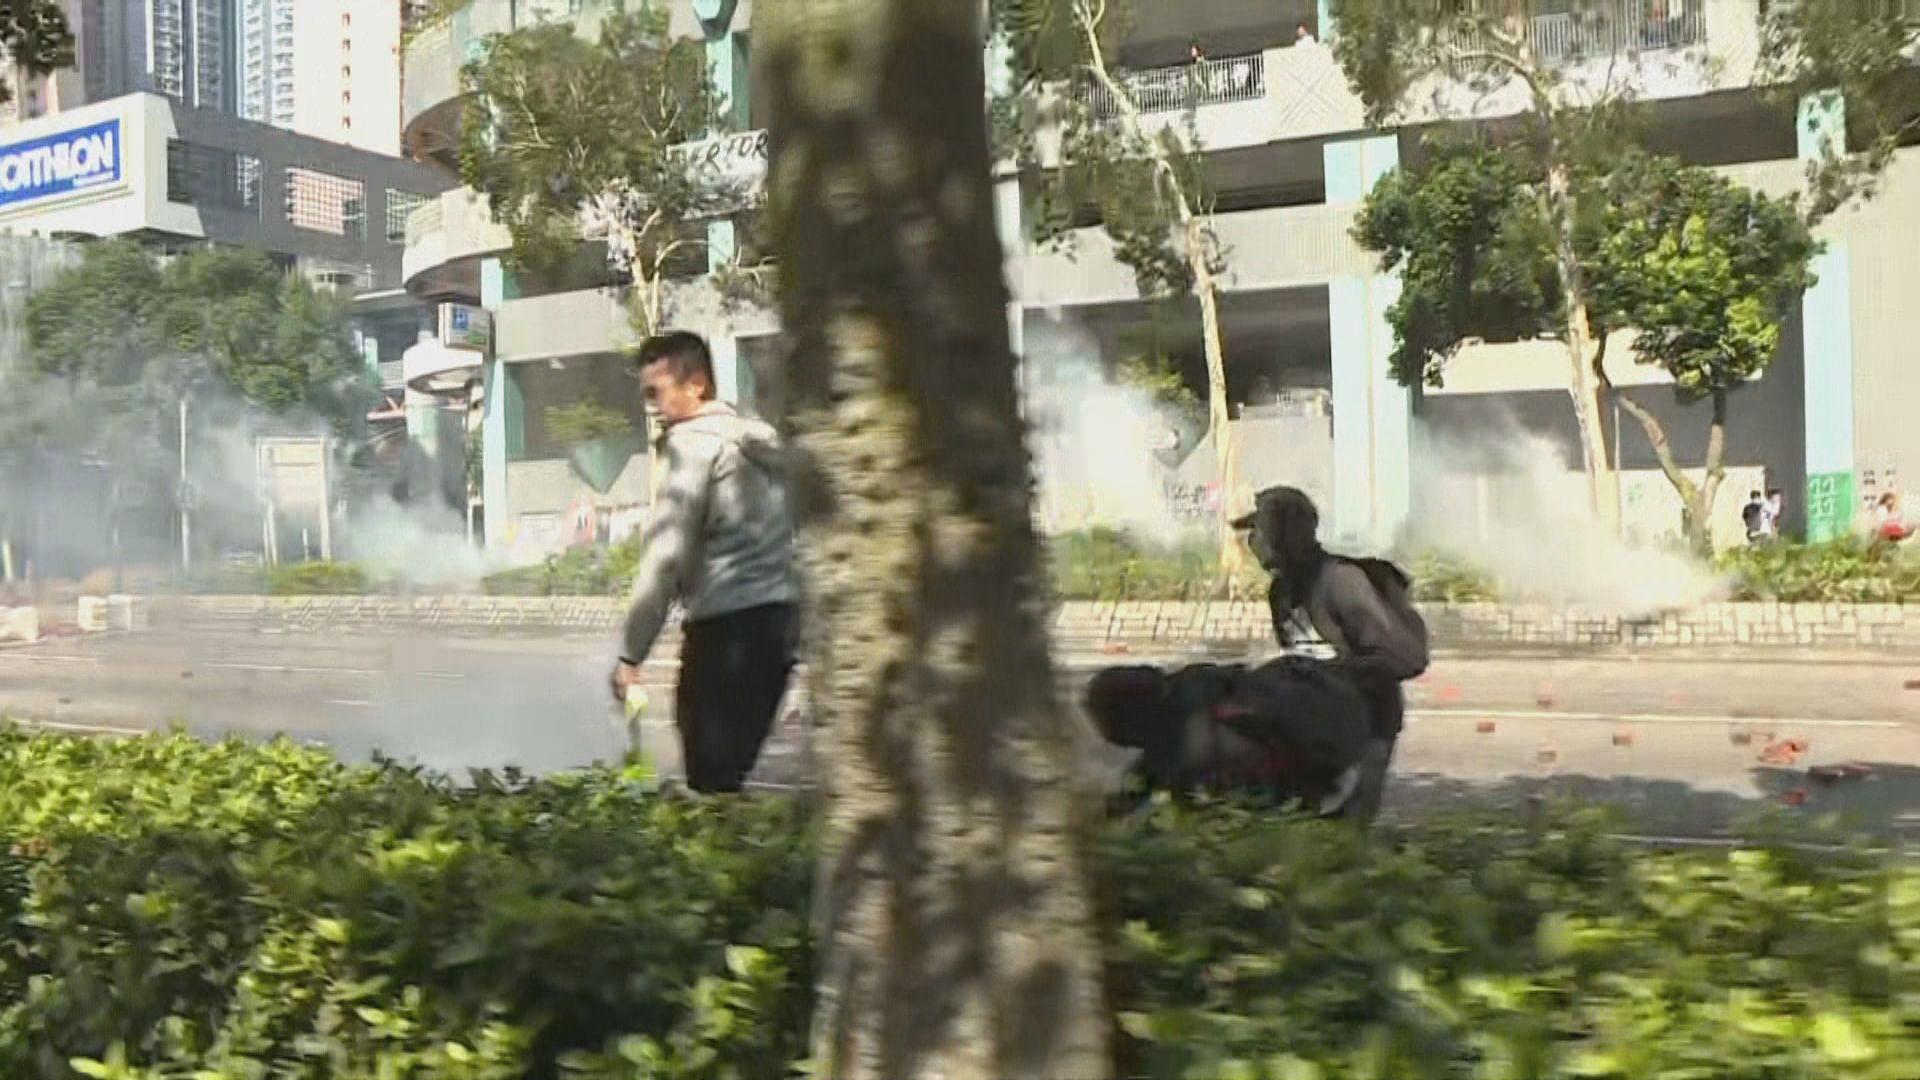 將軍澳多處堵路 警方施放催淚彈驅散